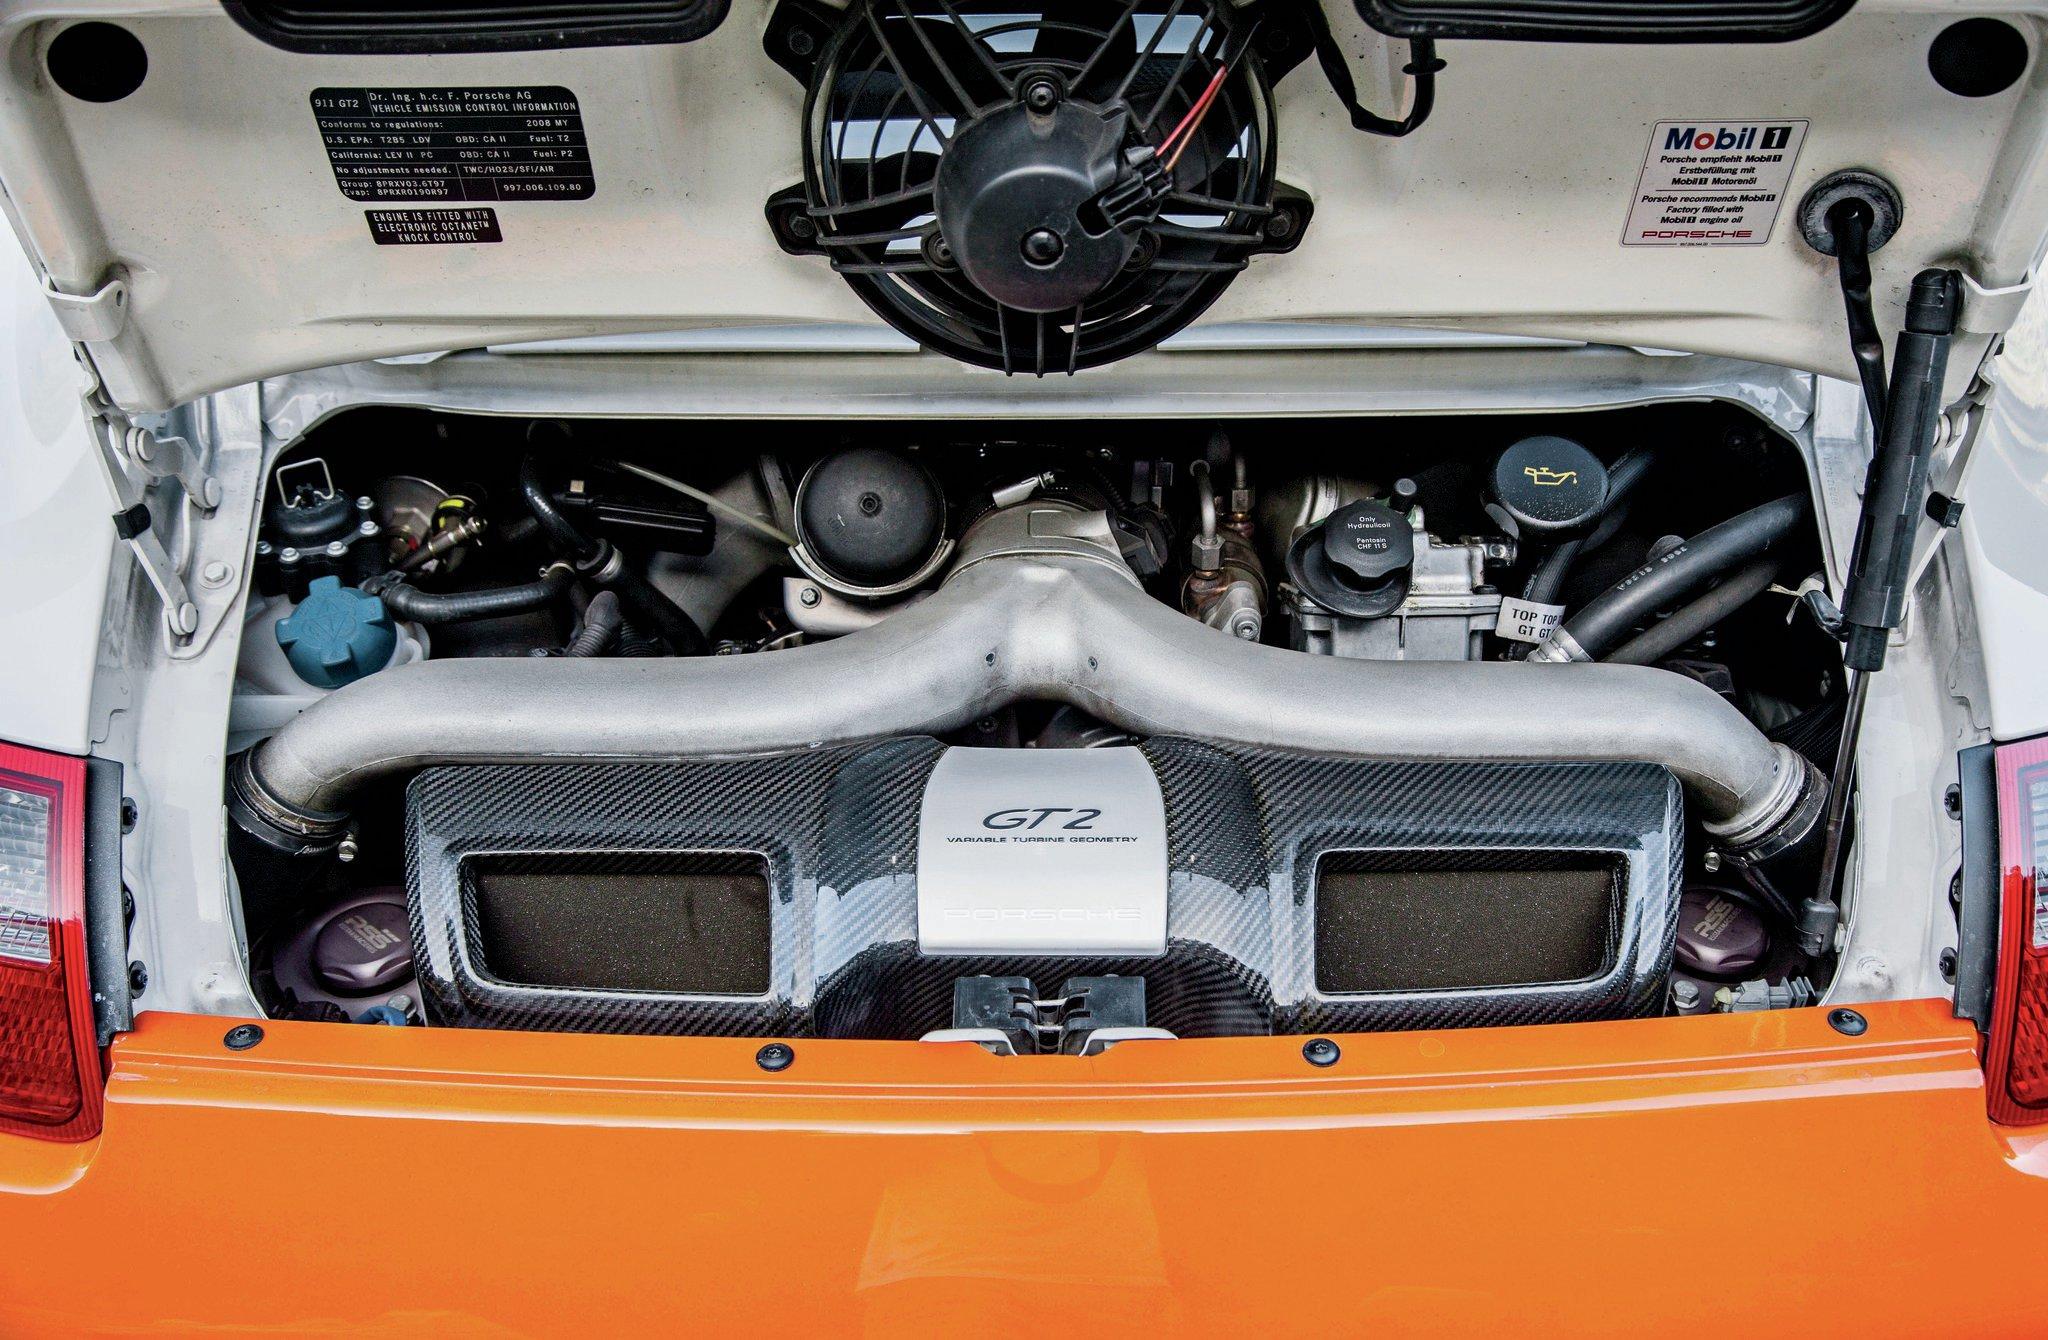 2008-porsche-911-gt2-evoms-775-kit Stunning 2008 Porsche 911 Gt2 Horsepower Cars Trend